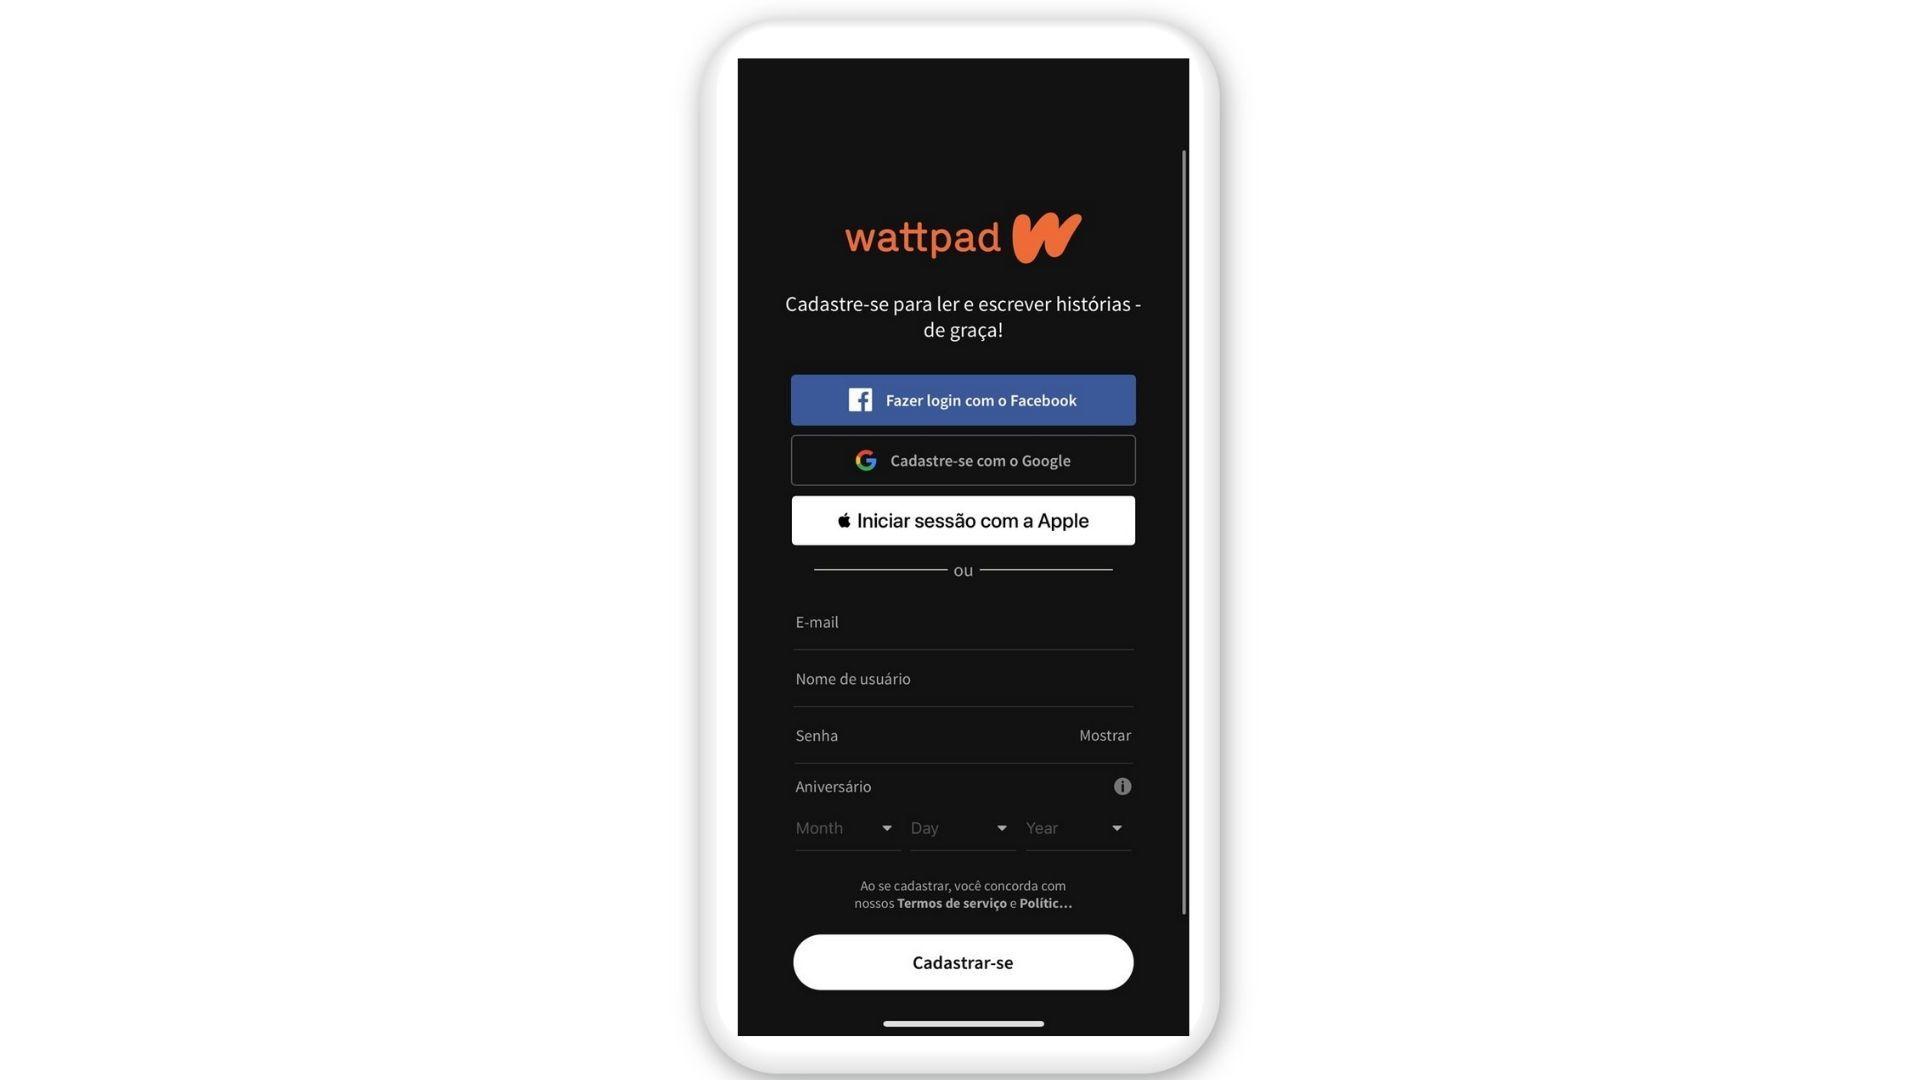 Você pode iniciar a sessão no Wattpad usando Facebook, Gmail, conta Apple ou fazendo cadastro (Reprodução)